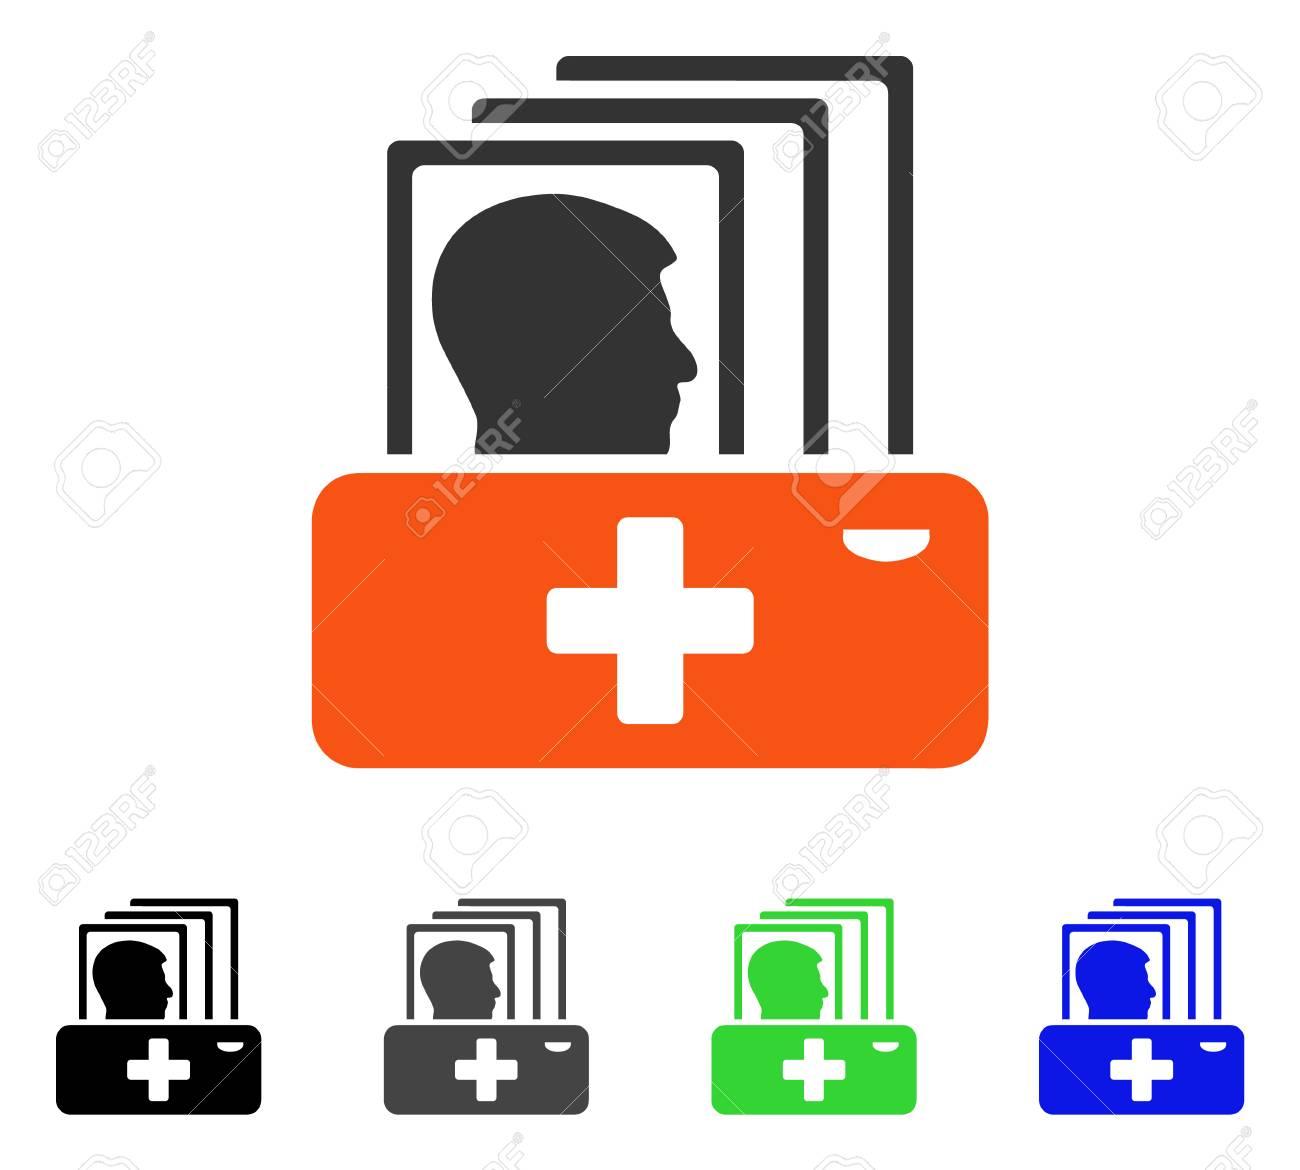 1300x1170 Patient Catalog Flat Vector Pictogram. Colored Patient Catalog